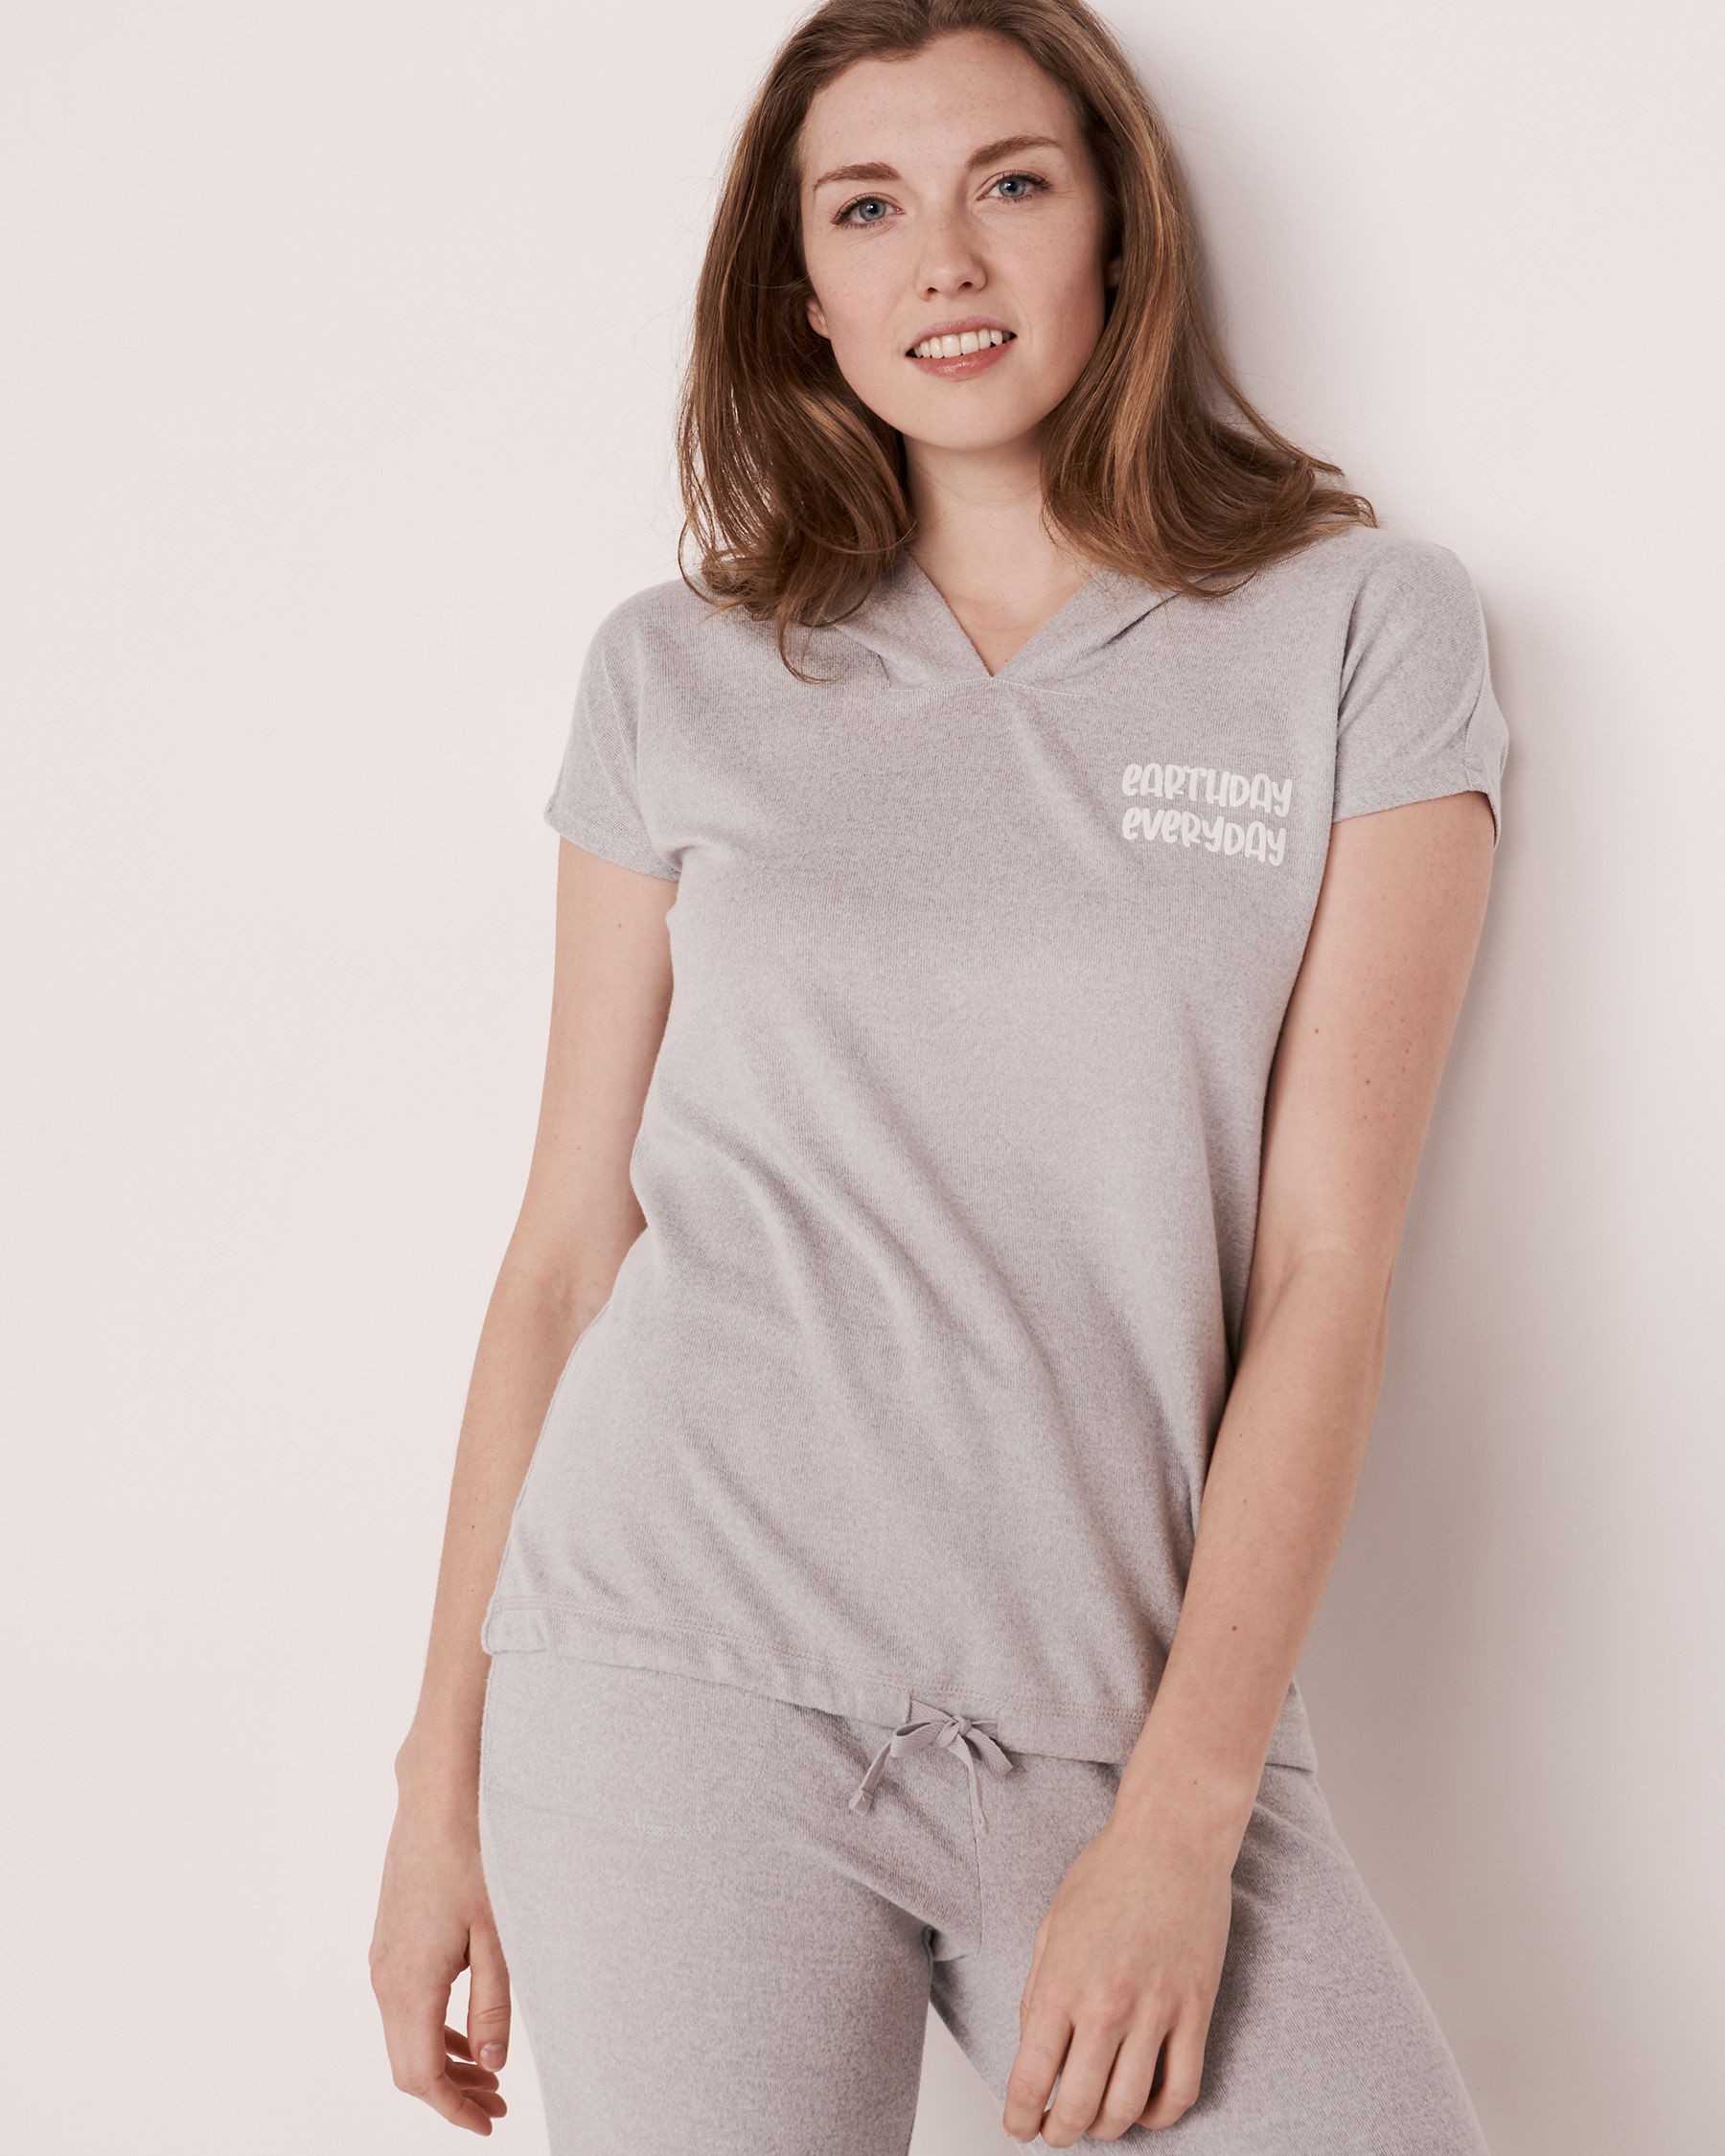 LA VIE EN ROSE Chandail manches courtes à capuchon en fibres recyclées Mélange de gris 40100039 - Voir1